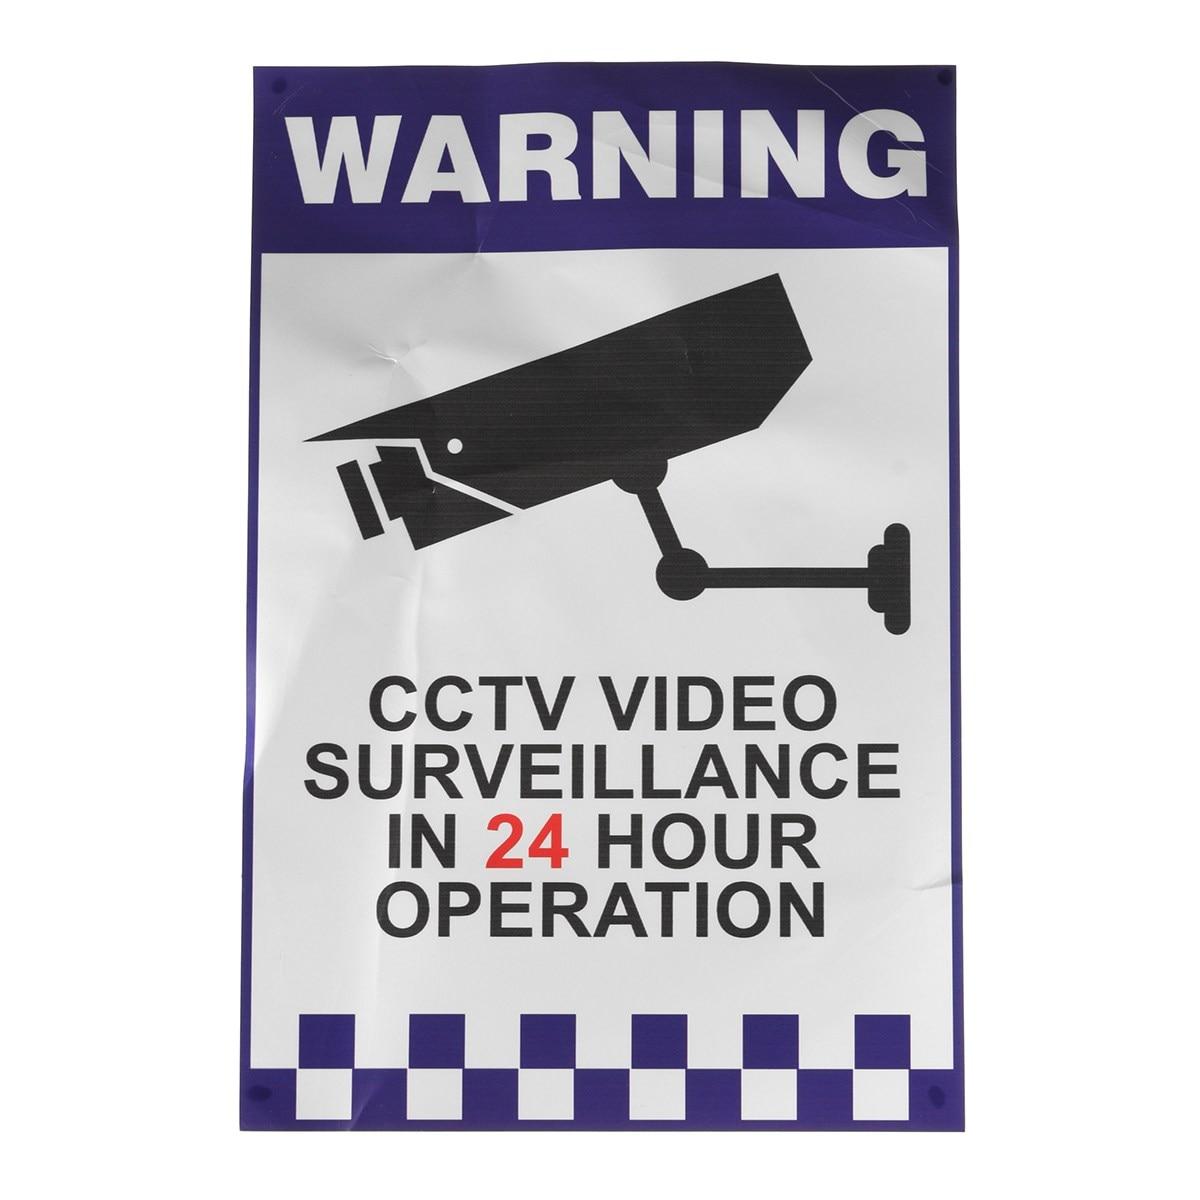 Safurance Предупреждение видеонаблюдения Стикеры Камера жесткой Пластик знак 200x300 мм дома Детская безопасность